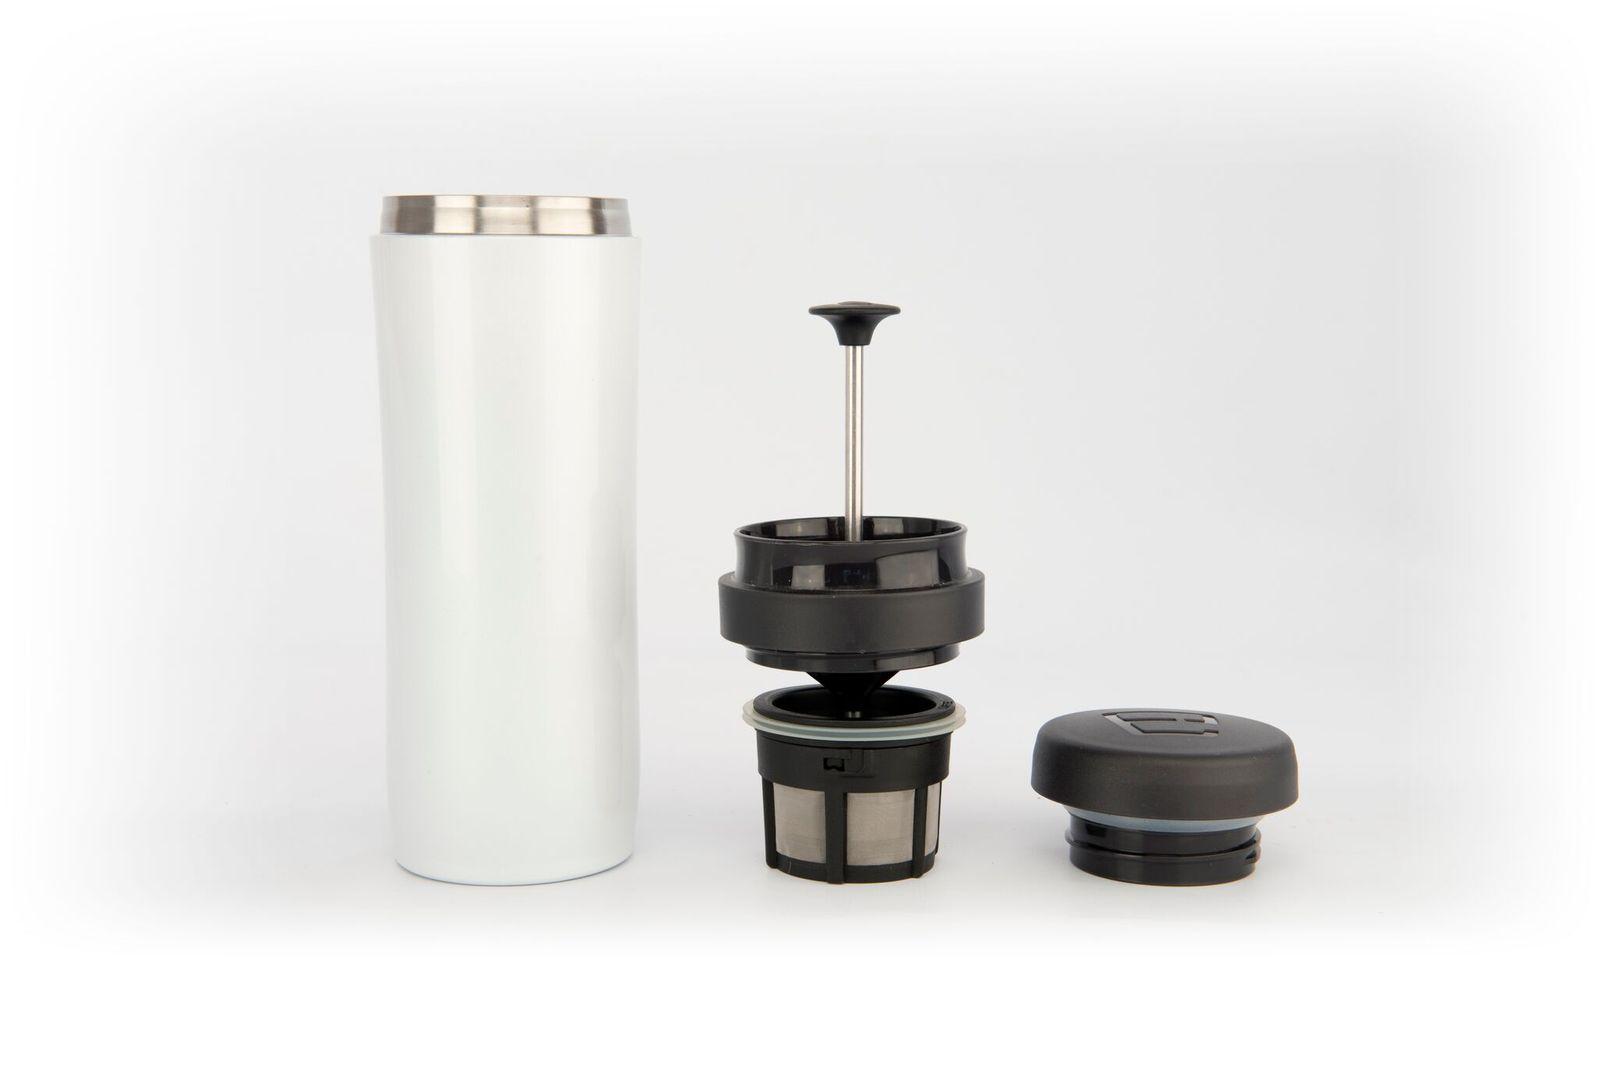 Kaffeefilter Edelstahl espro kaffeebereiter travel press mit kaffeefilter edelstahl 350 ml